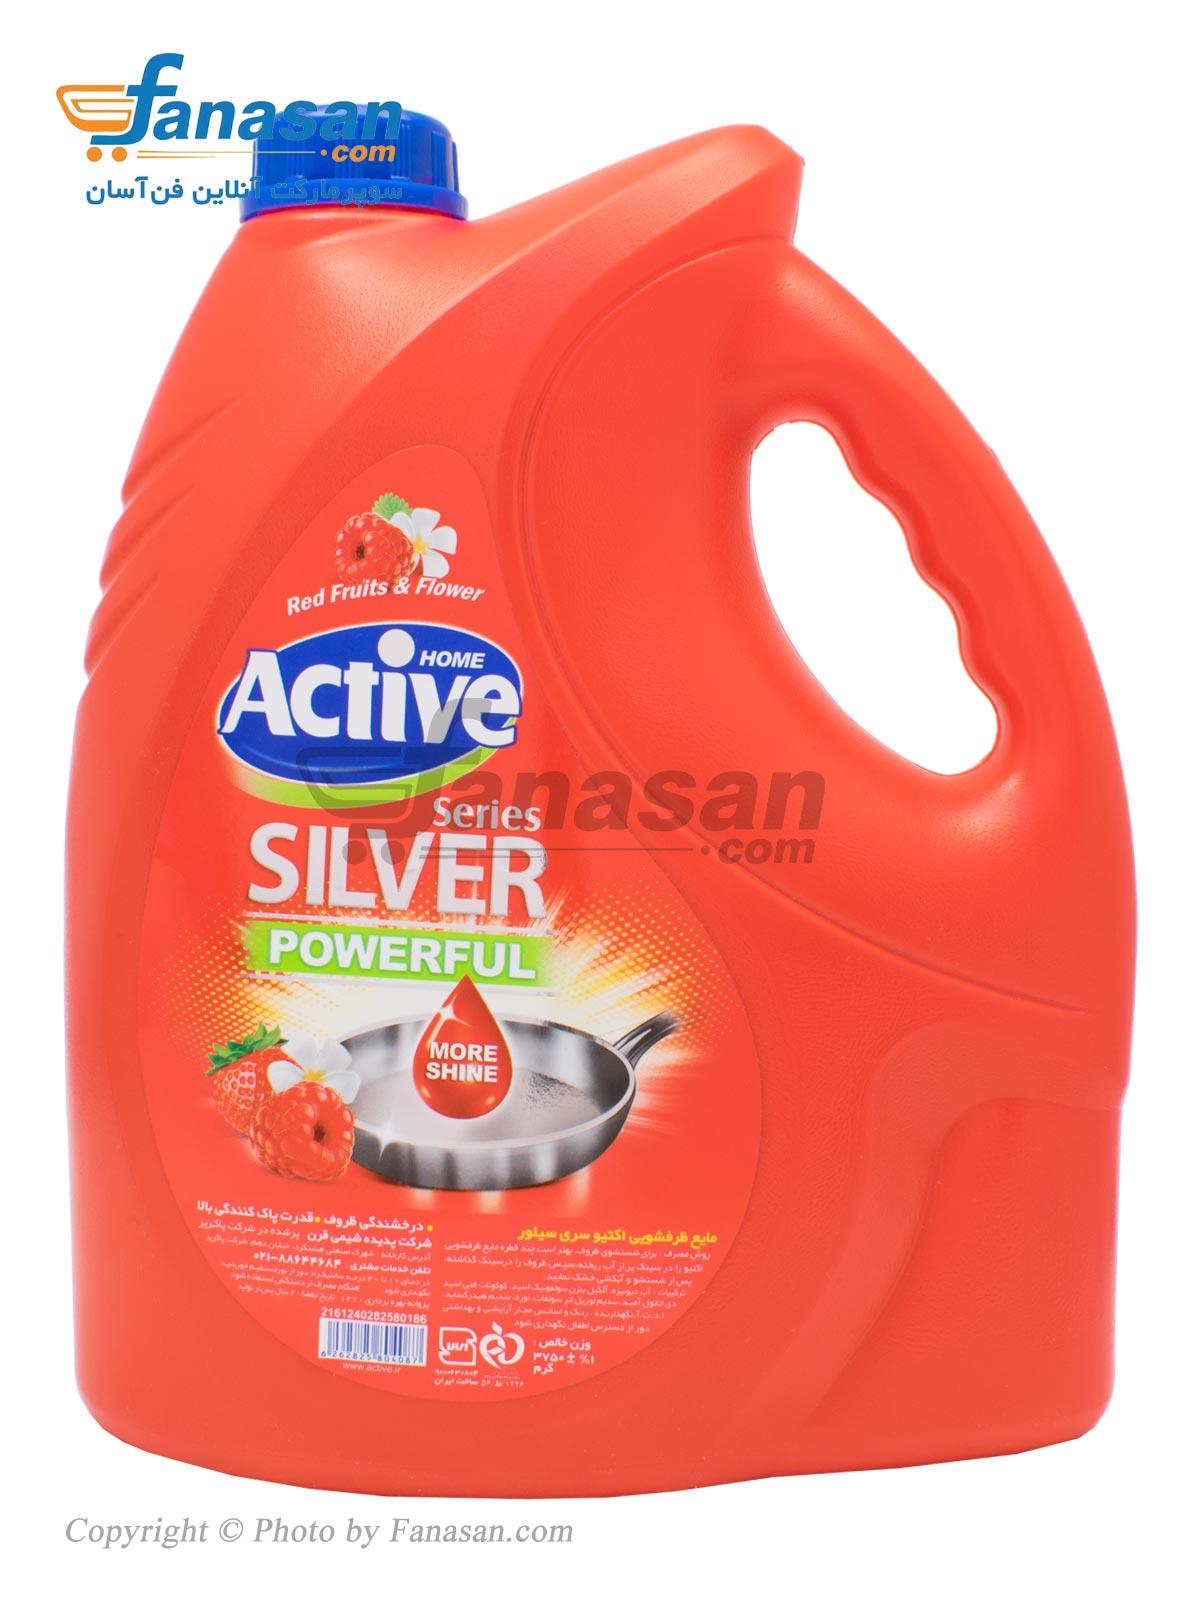 مایع ظرفشویی اکتیو سری سیلور با رایحه میوه های قرمز و گل 3750 گرم